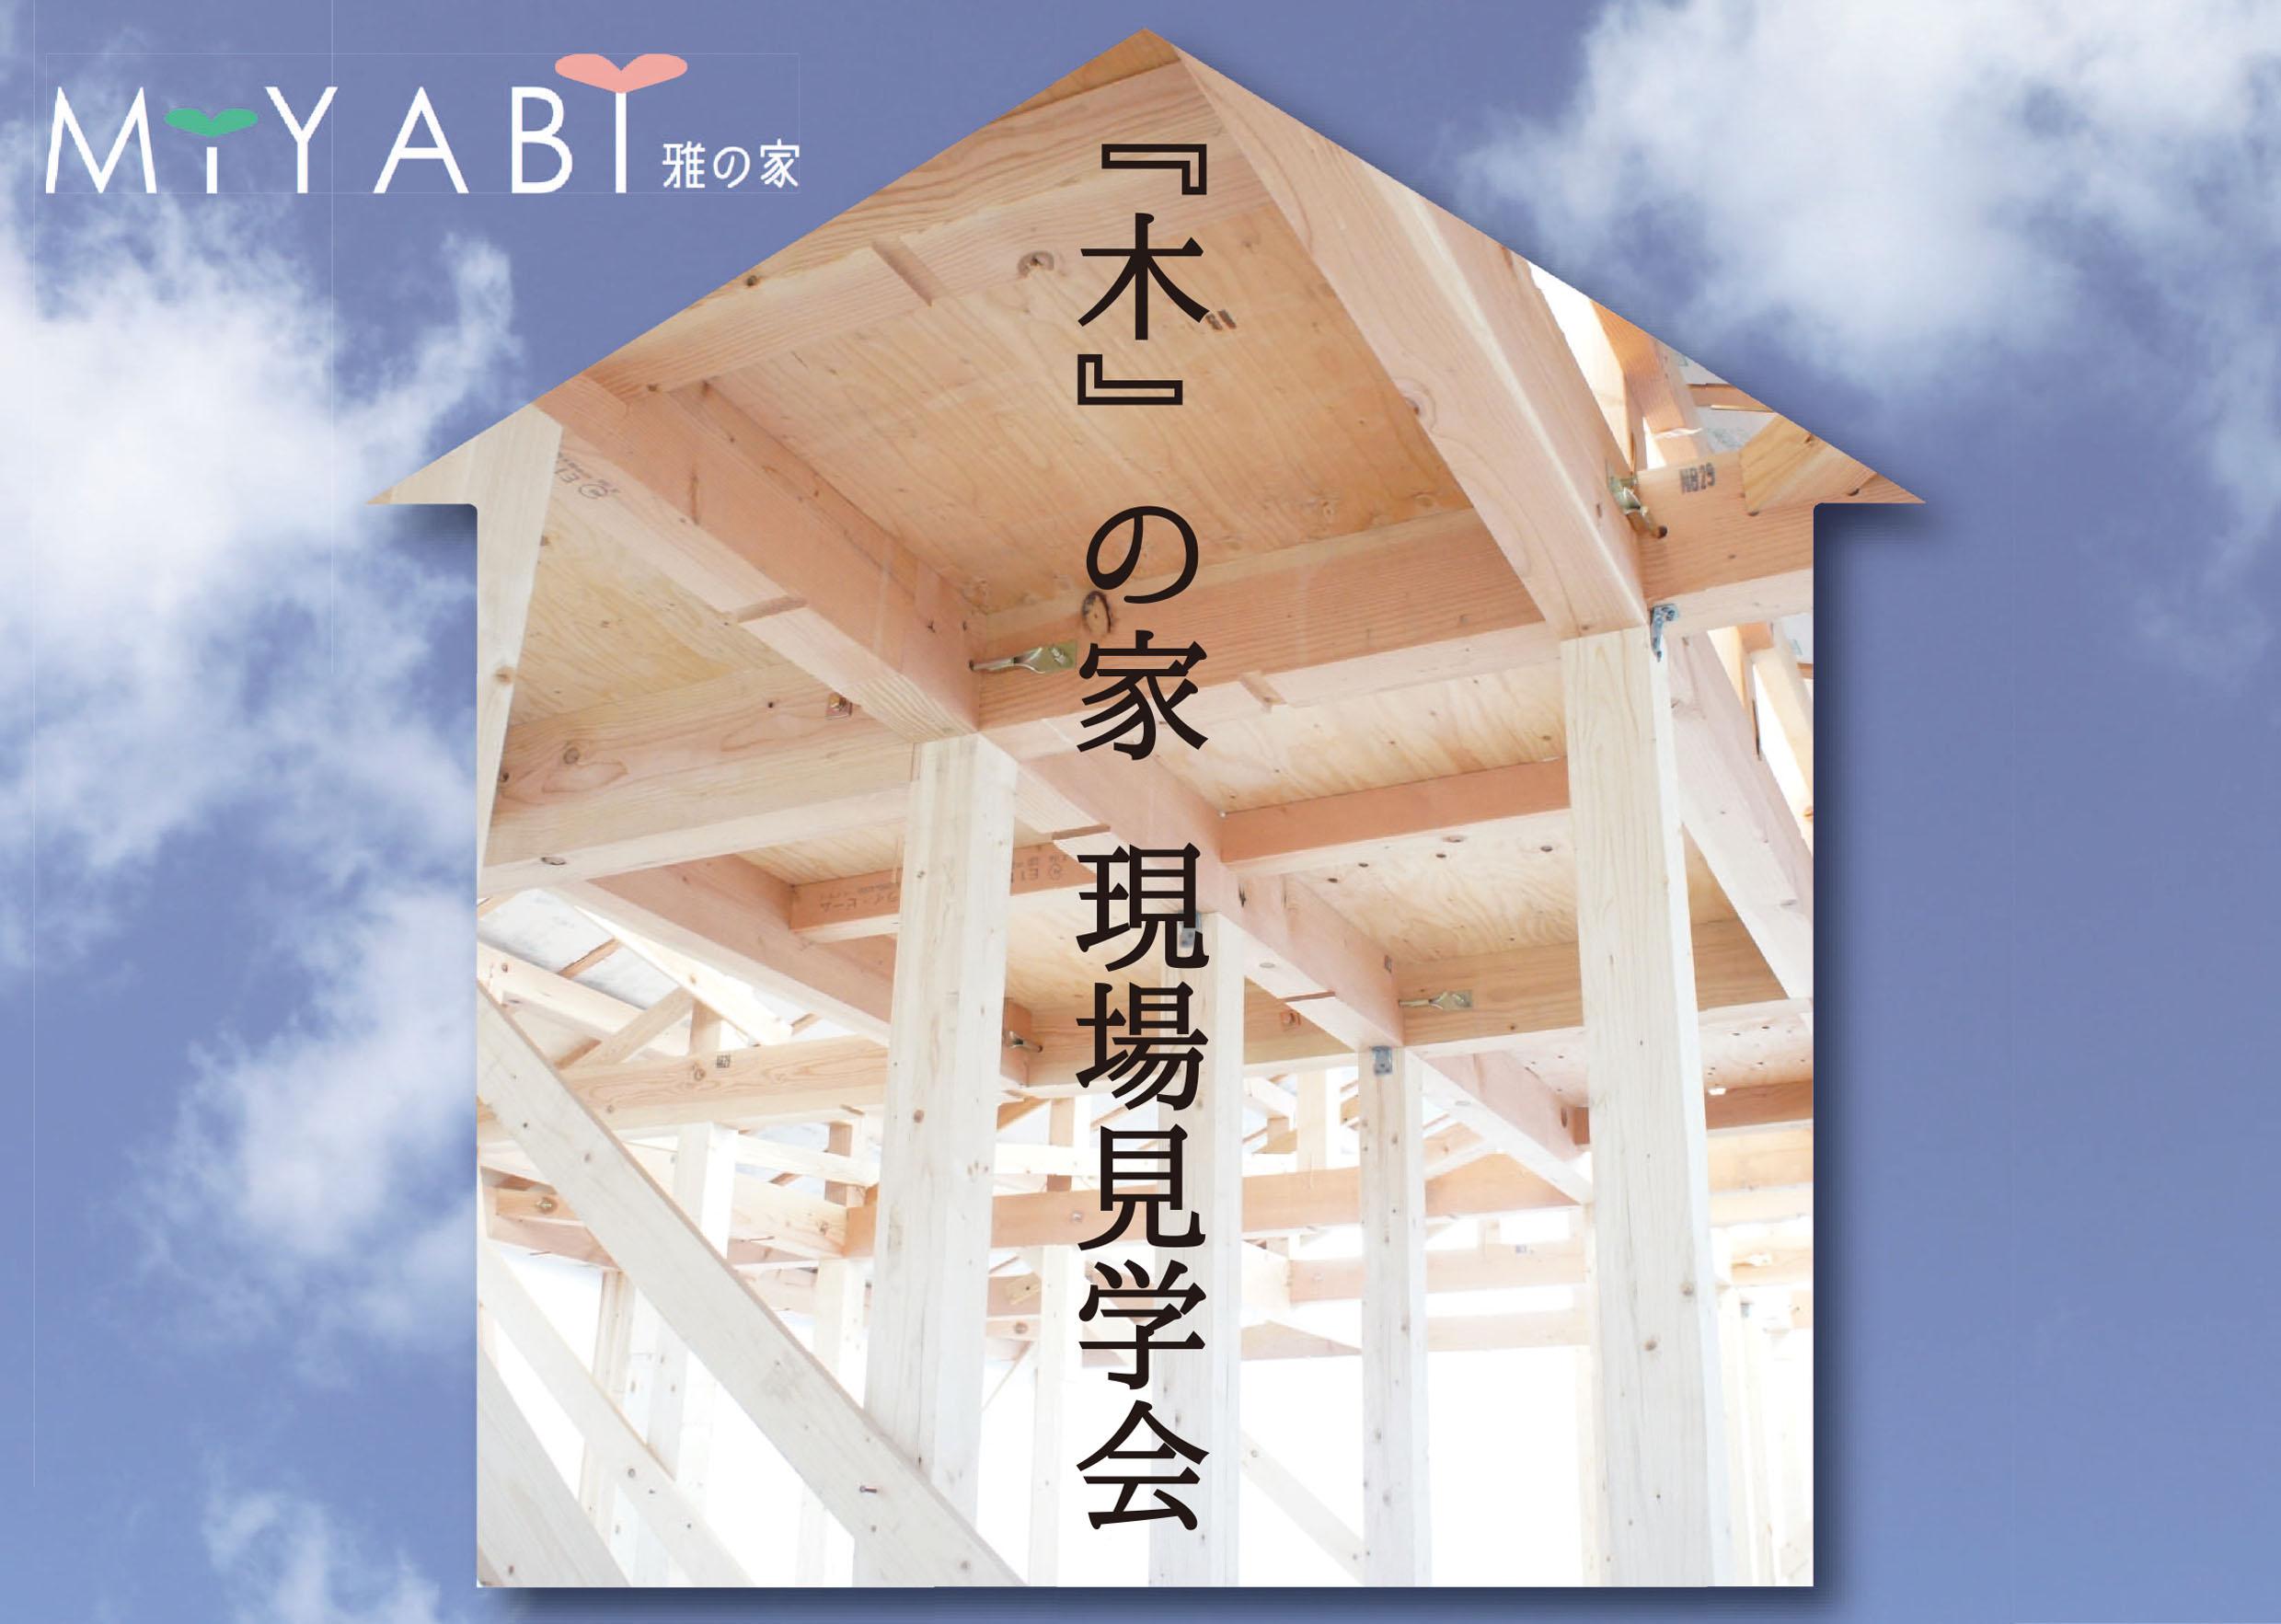 『木』の家現場見学会を開催!3/24(土)・25(日)